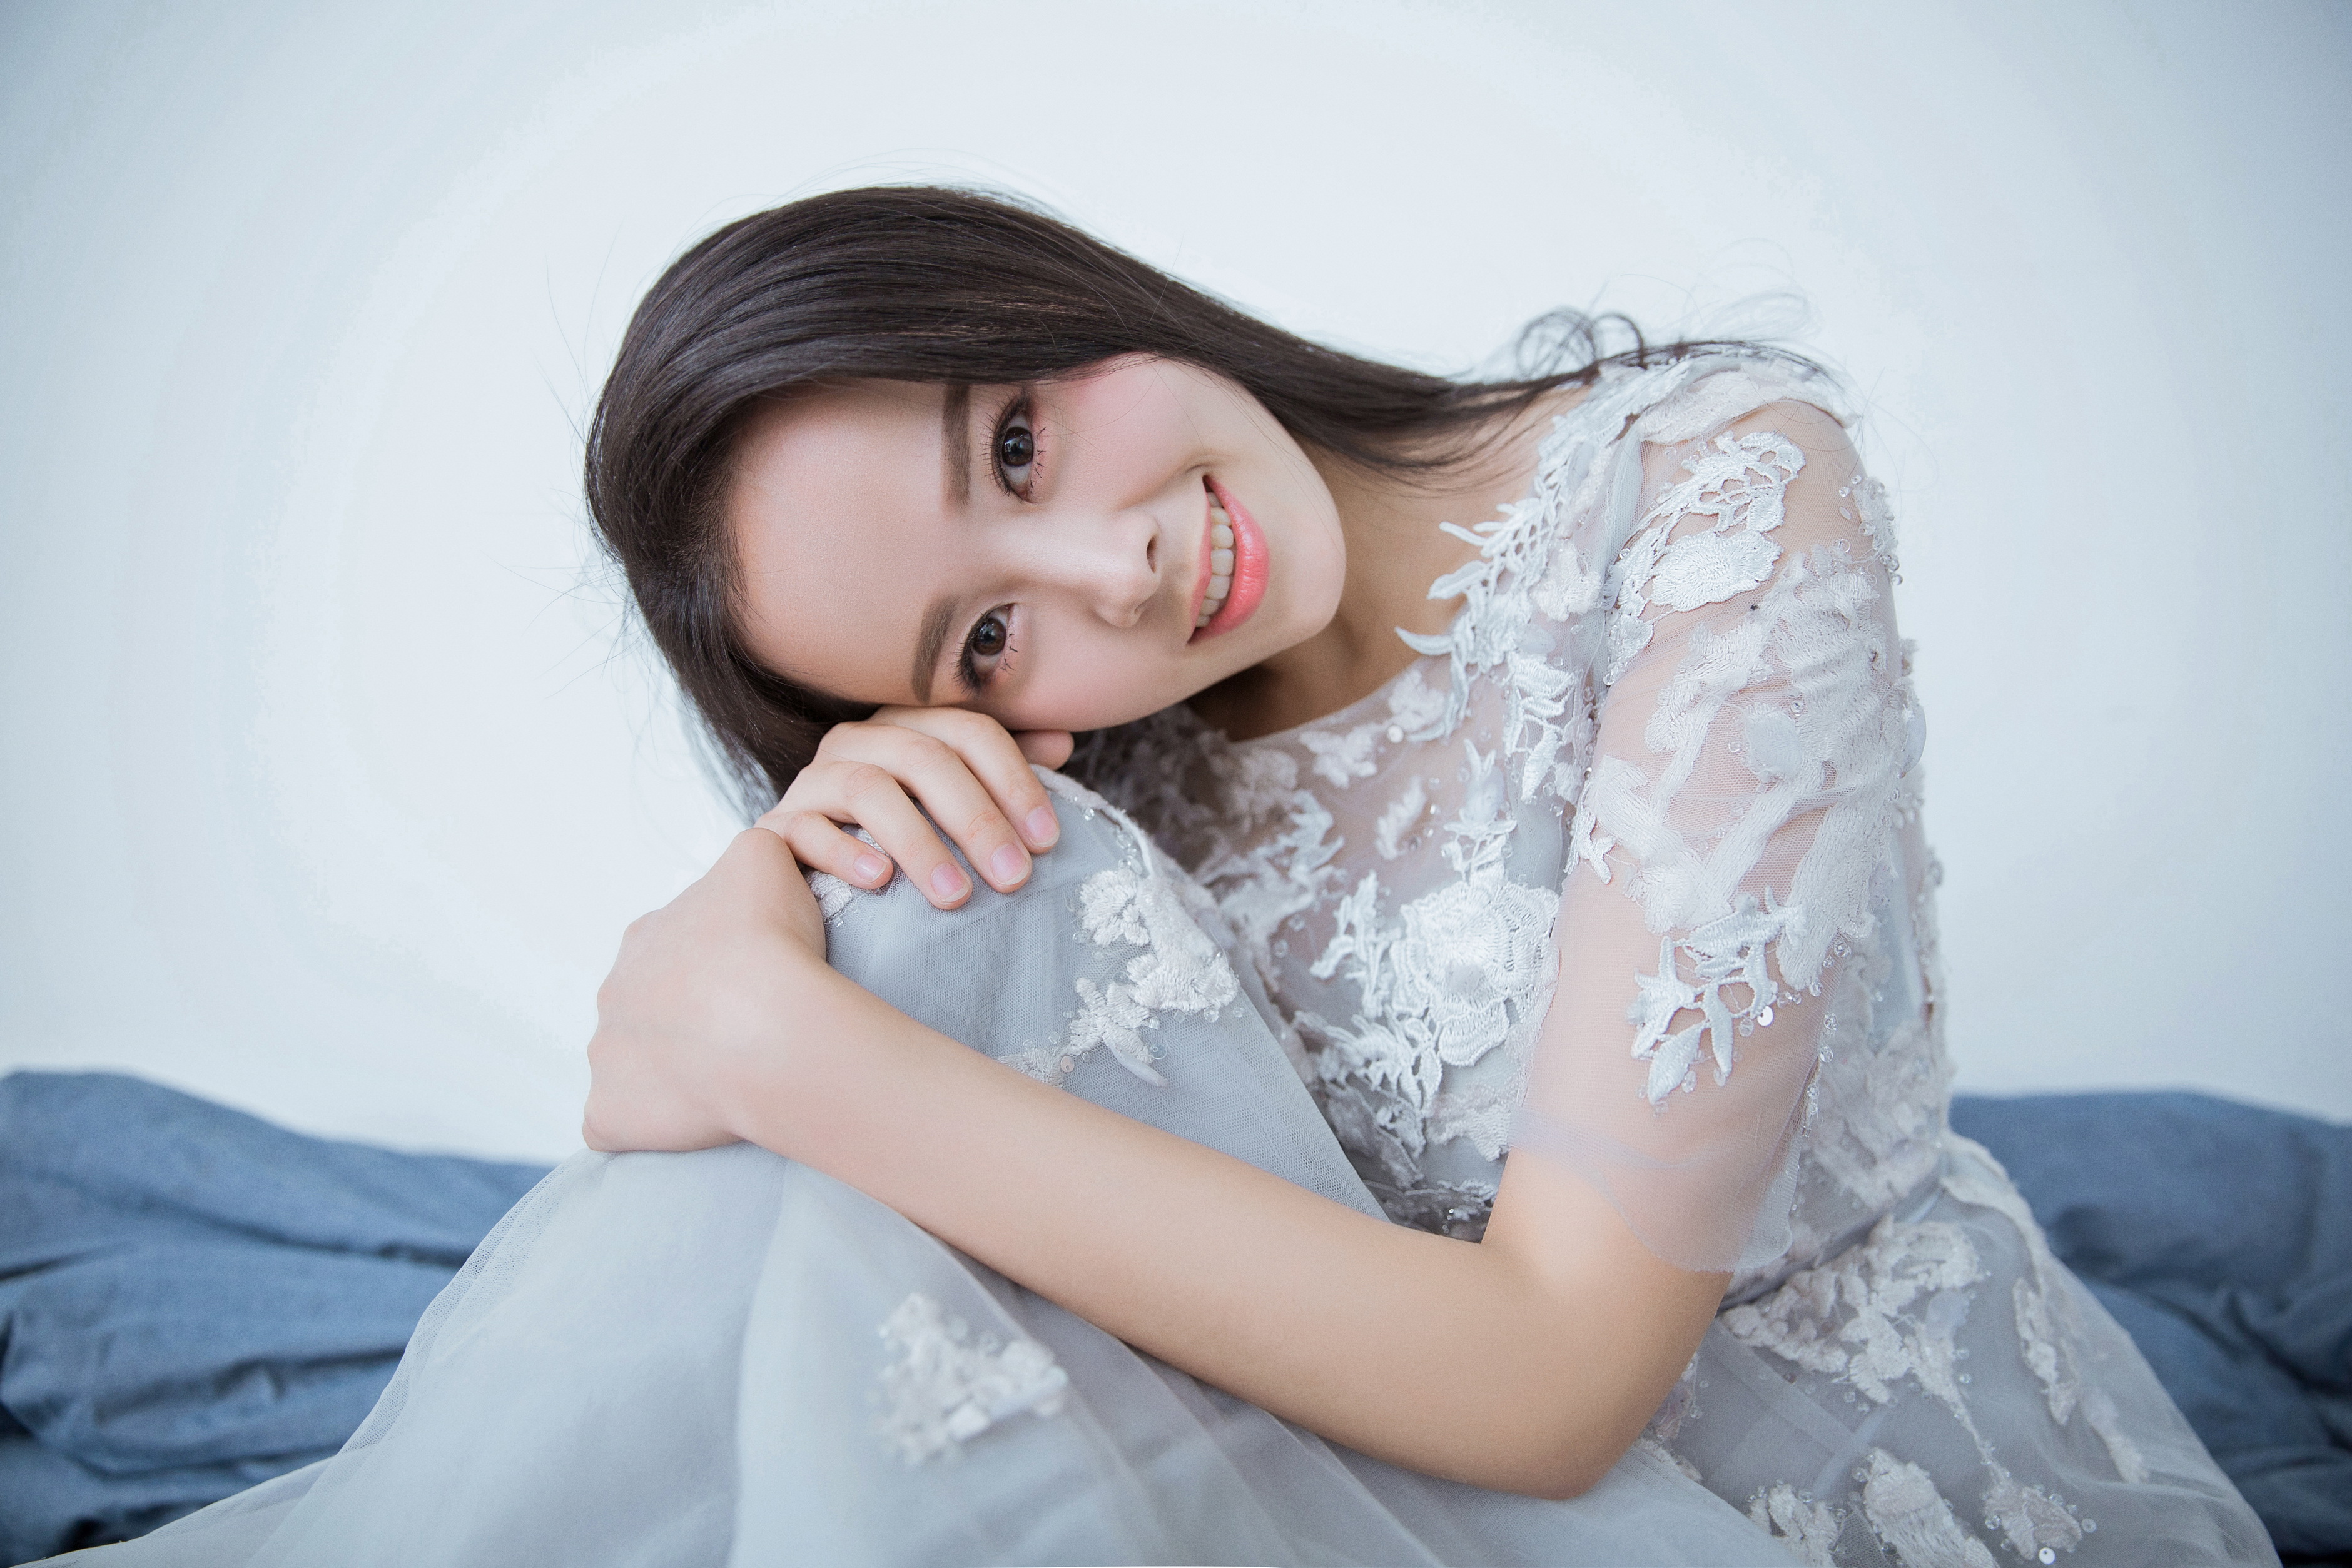 April Yang